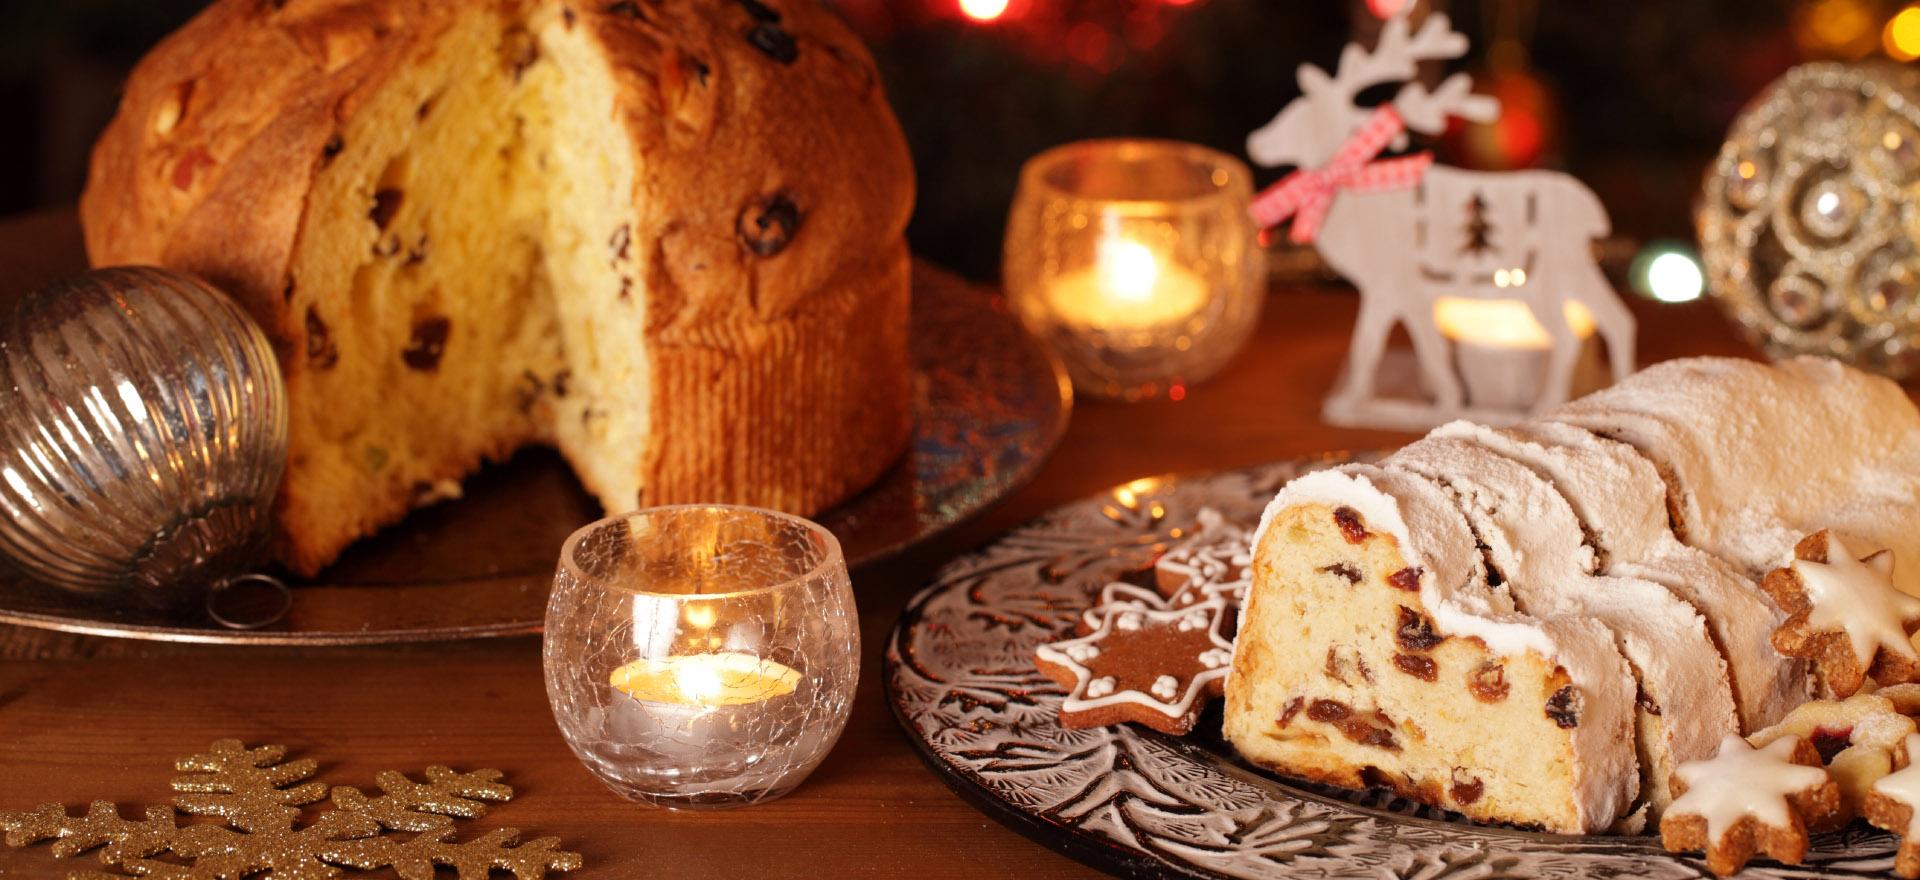 gateau-de-noel-biscuits-igadaigle